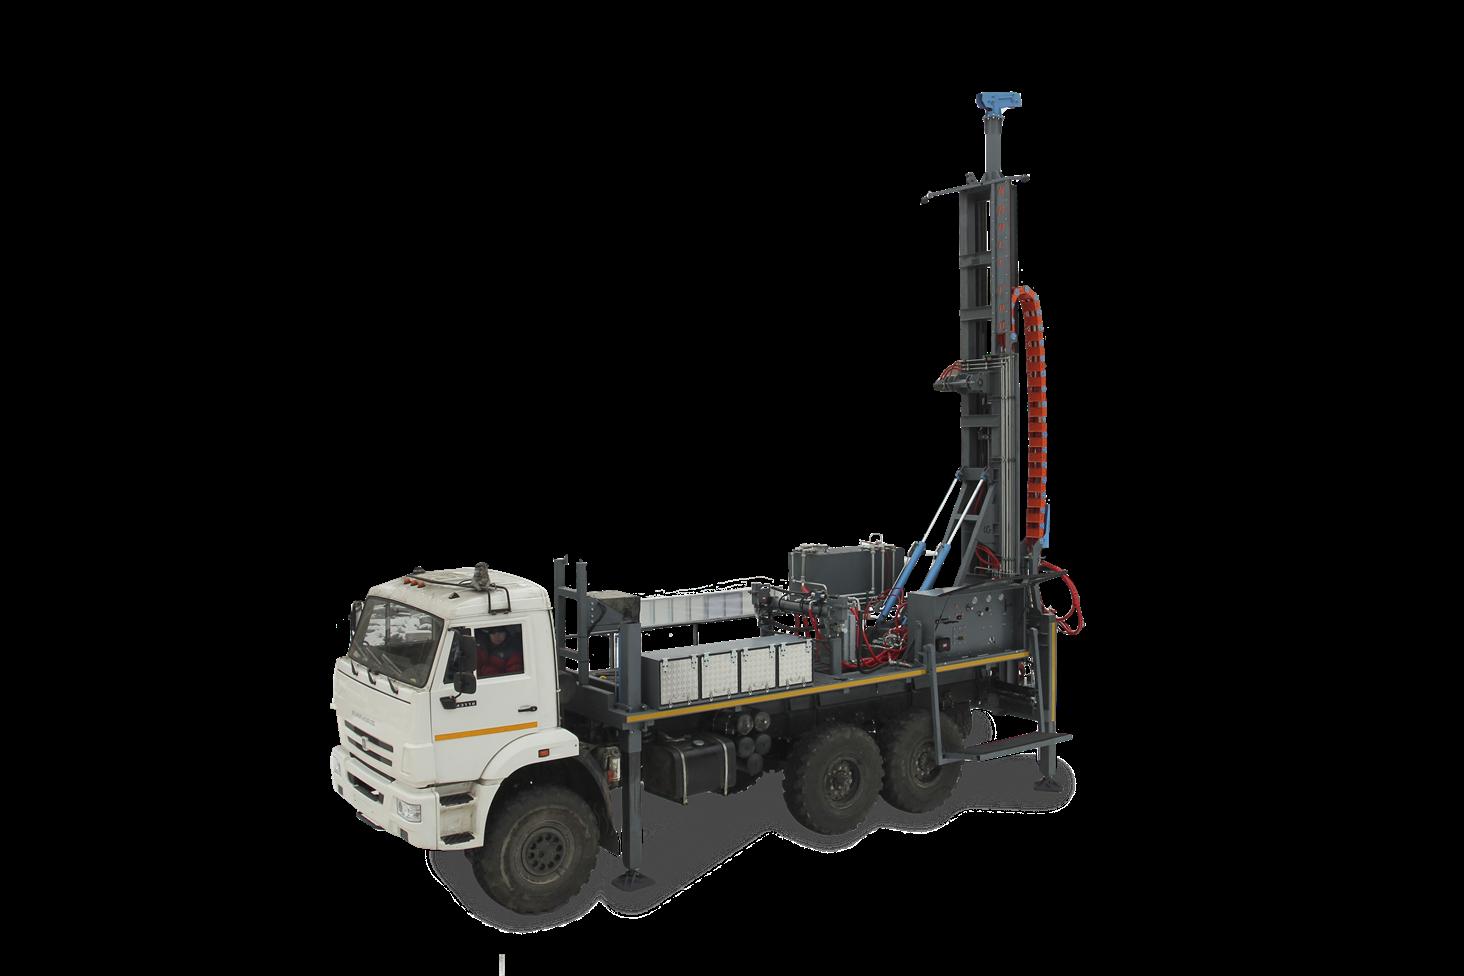 EP6 замена ремня навесных агрегатов